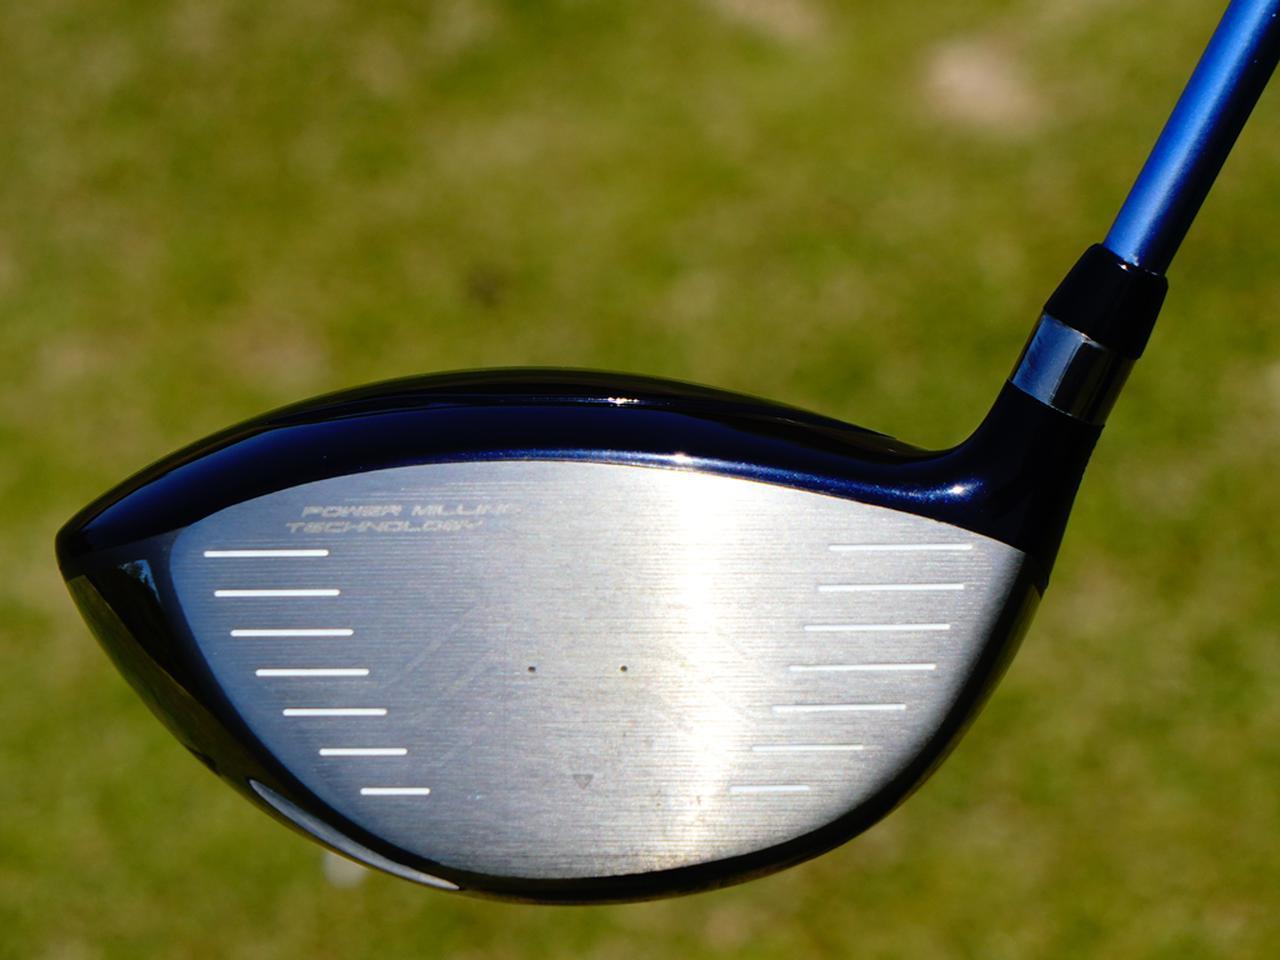 画像: スピン量と球の上がり方が重要なポイント。また、シャフトを替え、ヘッドの重さを感じられるようになった